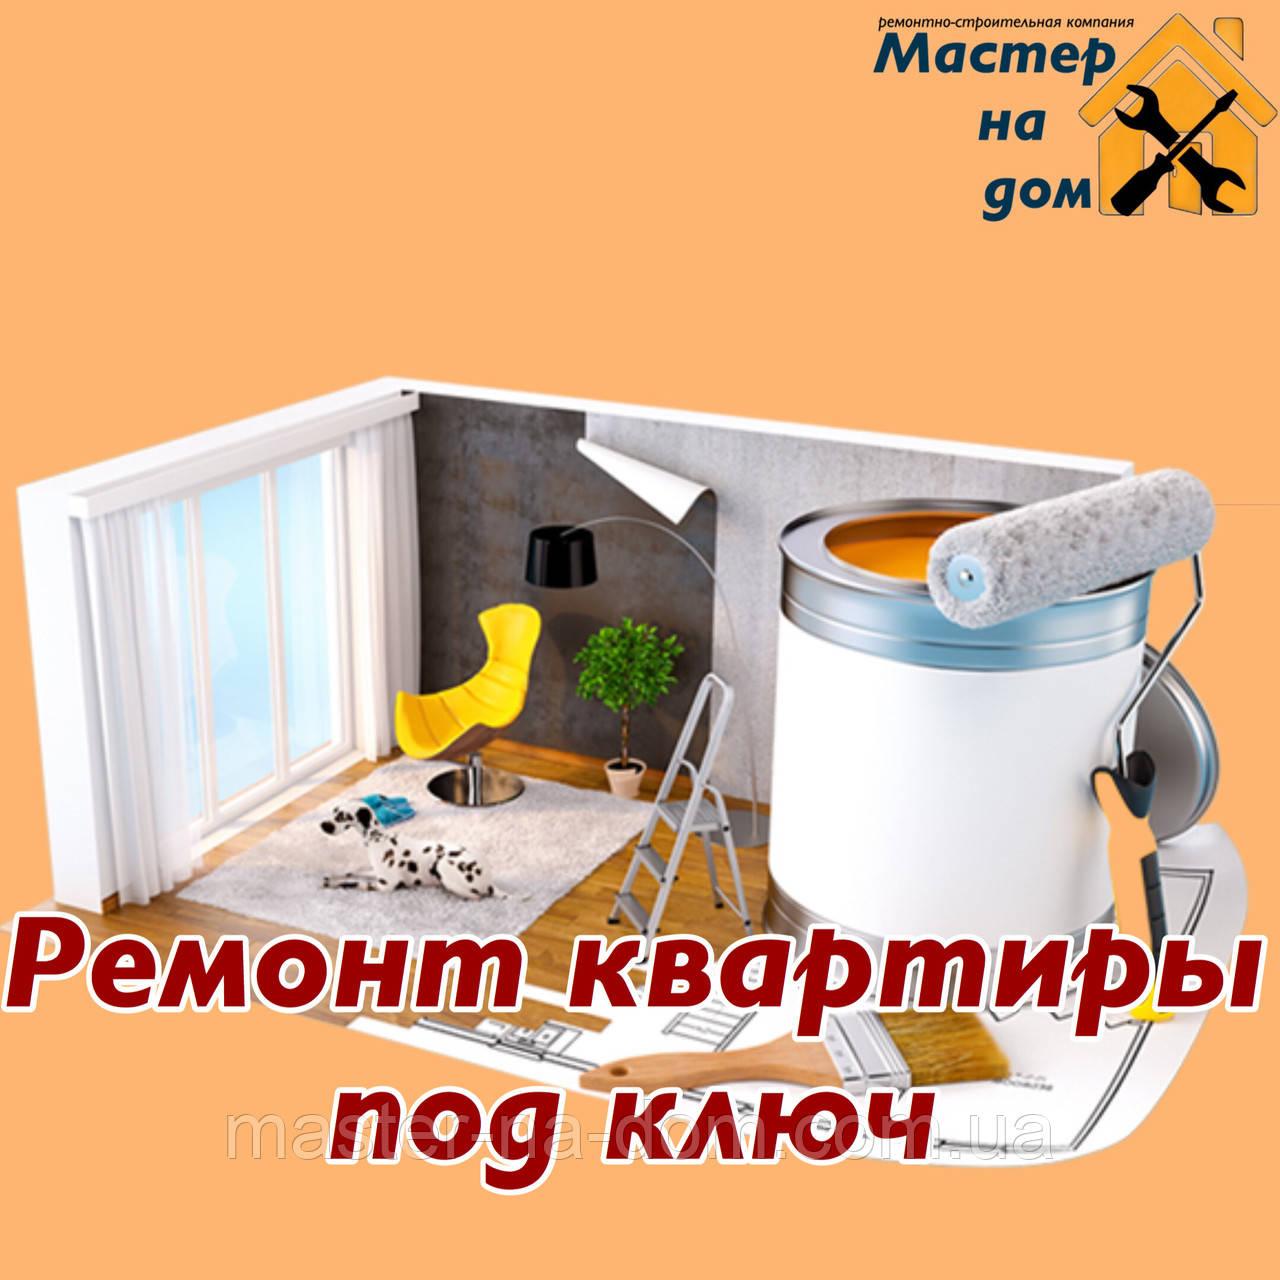 """Ремонт квартир """"під ключ"""" в Ужгороді"""